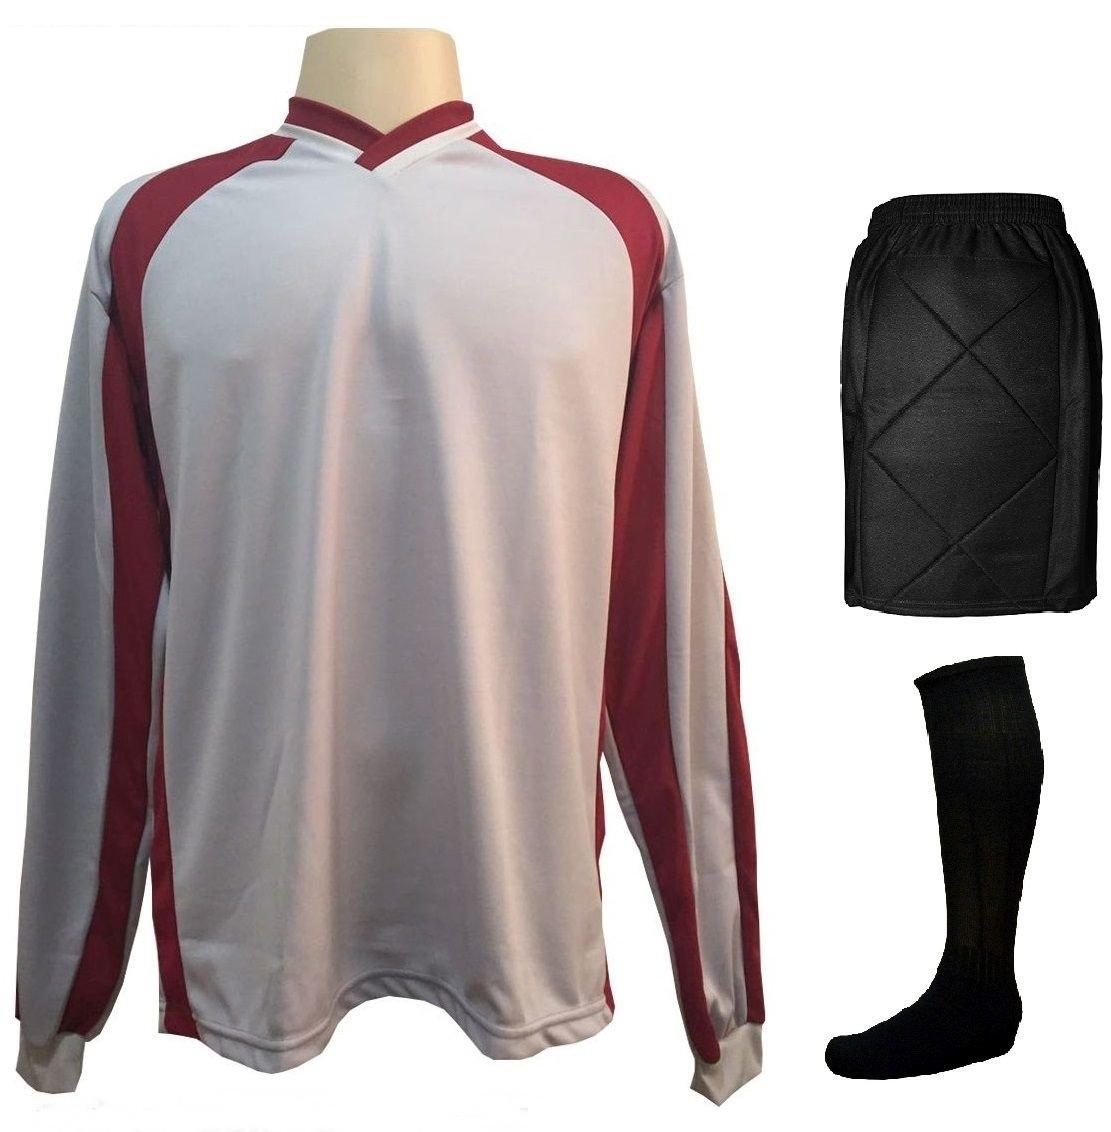 Fardamento Completo modelo Roma 20+1 (20 camisas Amarelo/Preto + 20 calções modelo Madrid Preto + 20 pares de meiões Preto + 1 conjunto de goleiro) + Brindes